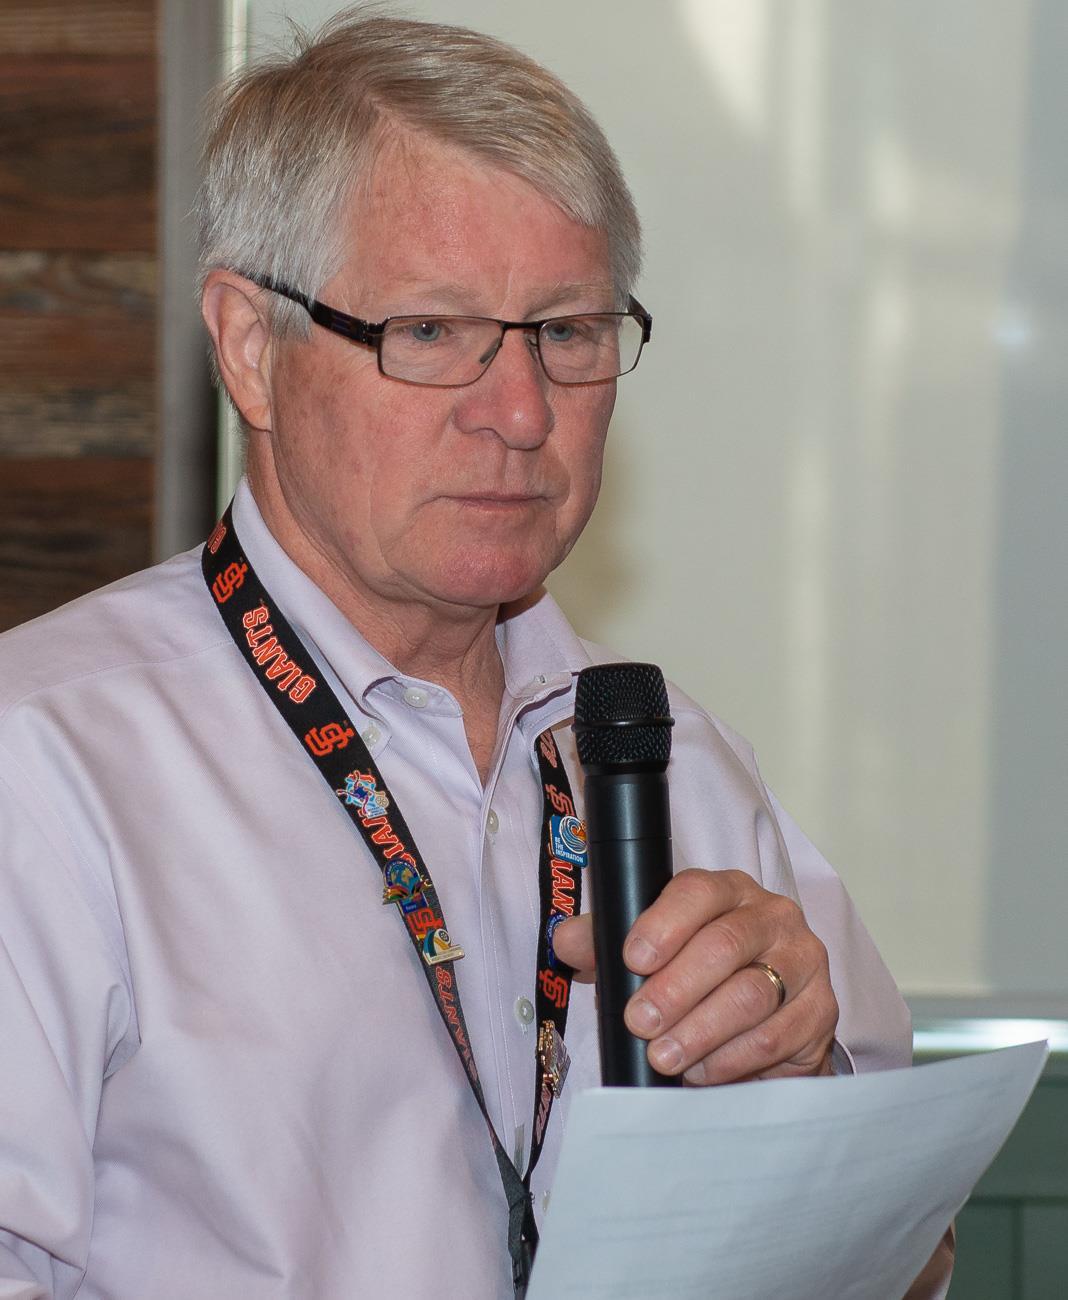 Paul O'Rear